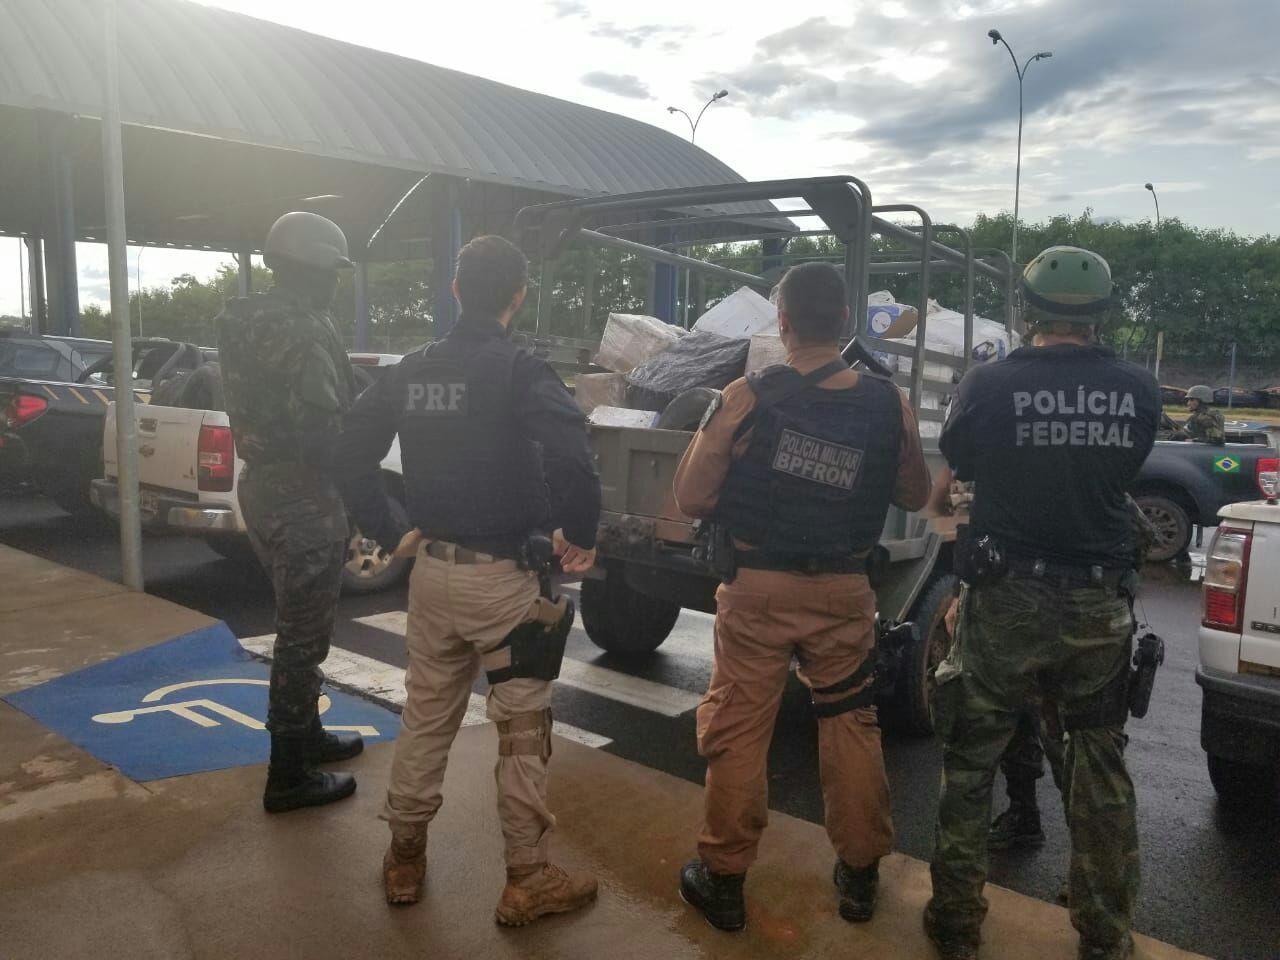 PRF segue caminhonete! Indígenas atacam a tiros mas encondia cigarros, pneus e agrotóxicos contrabandeados na aldeia de Terra Roxa